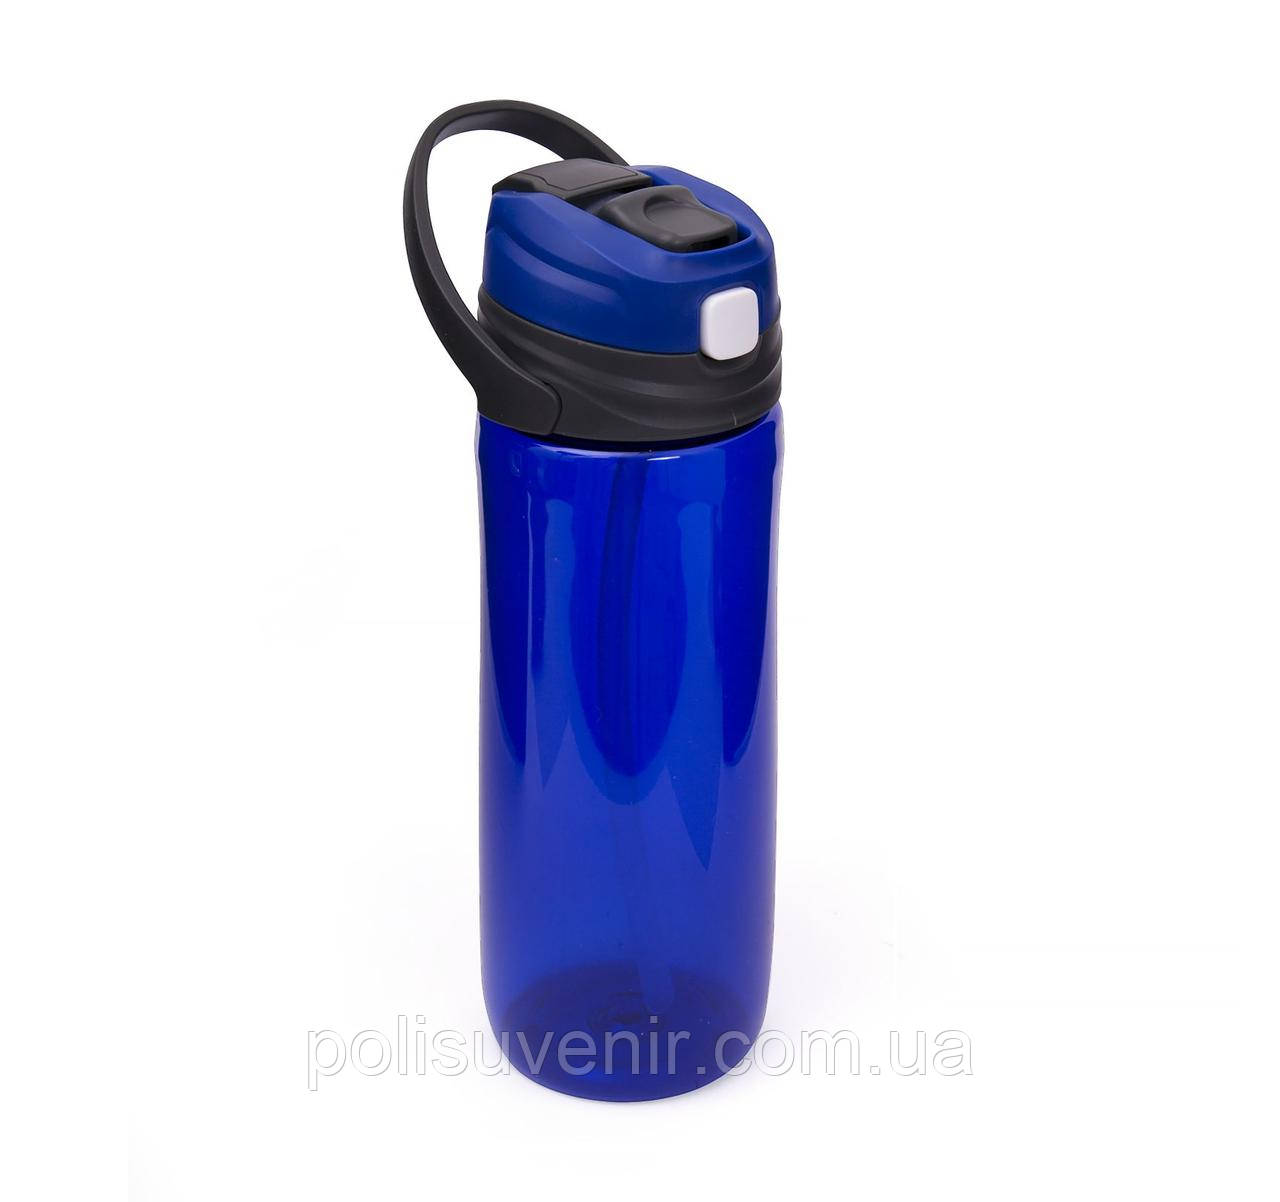 Пляшка для пиття 750 мл. з носиком